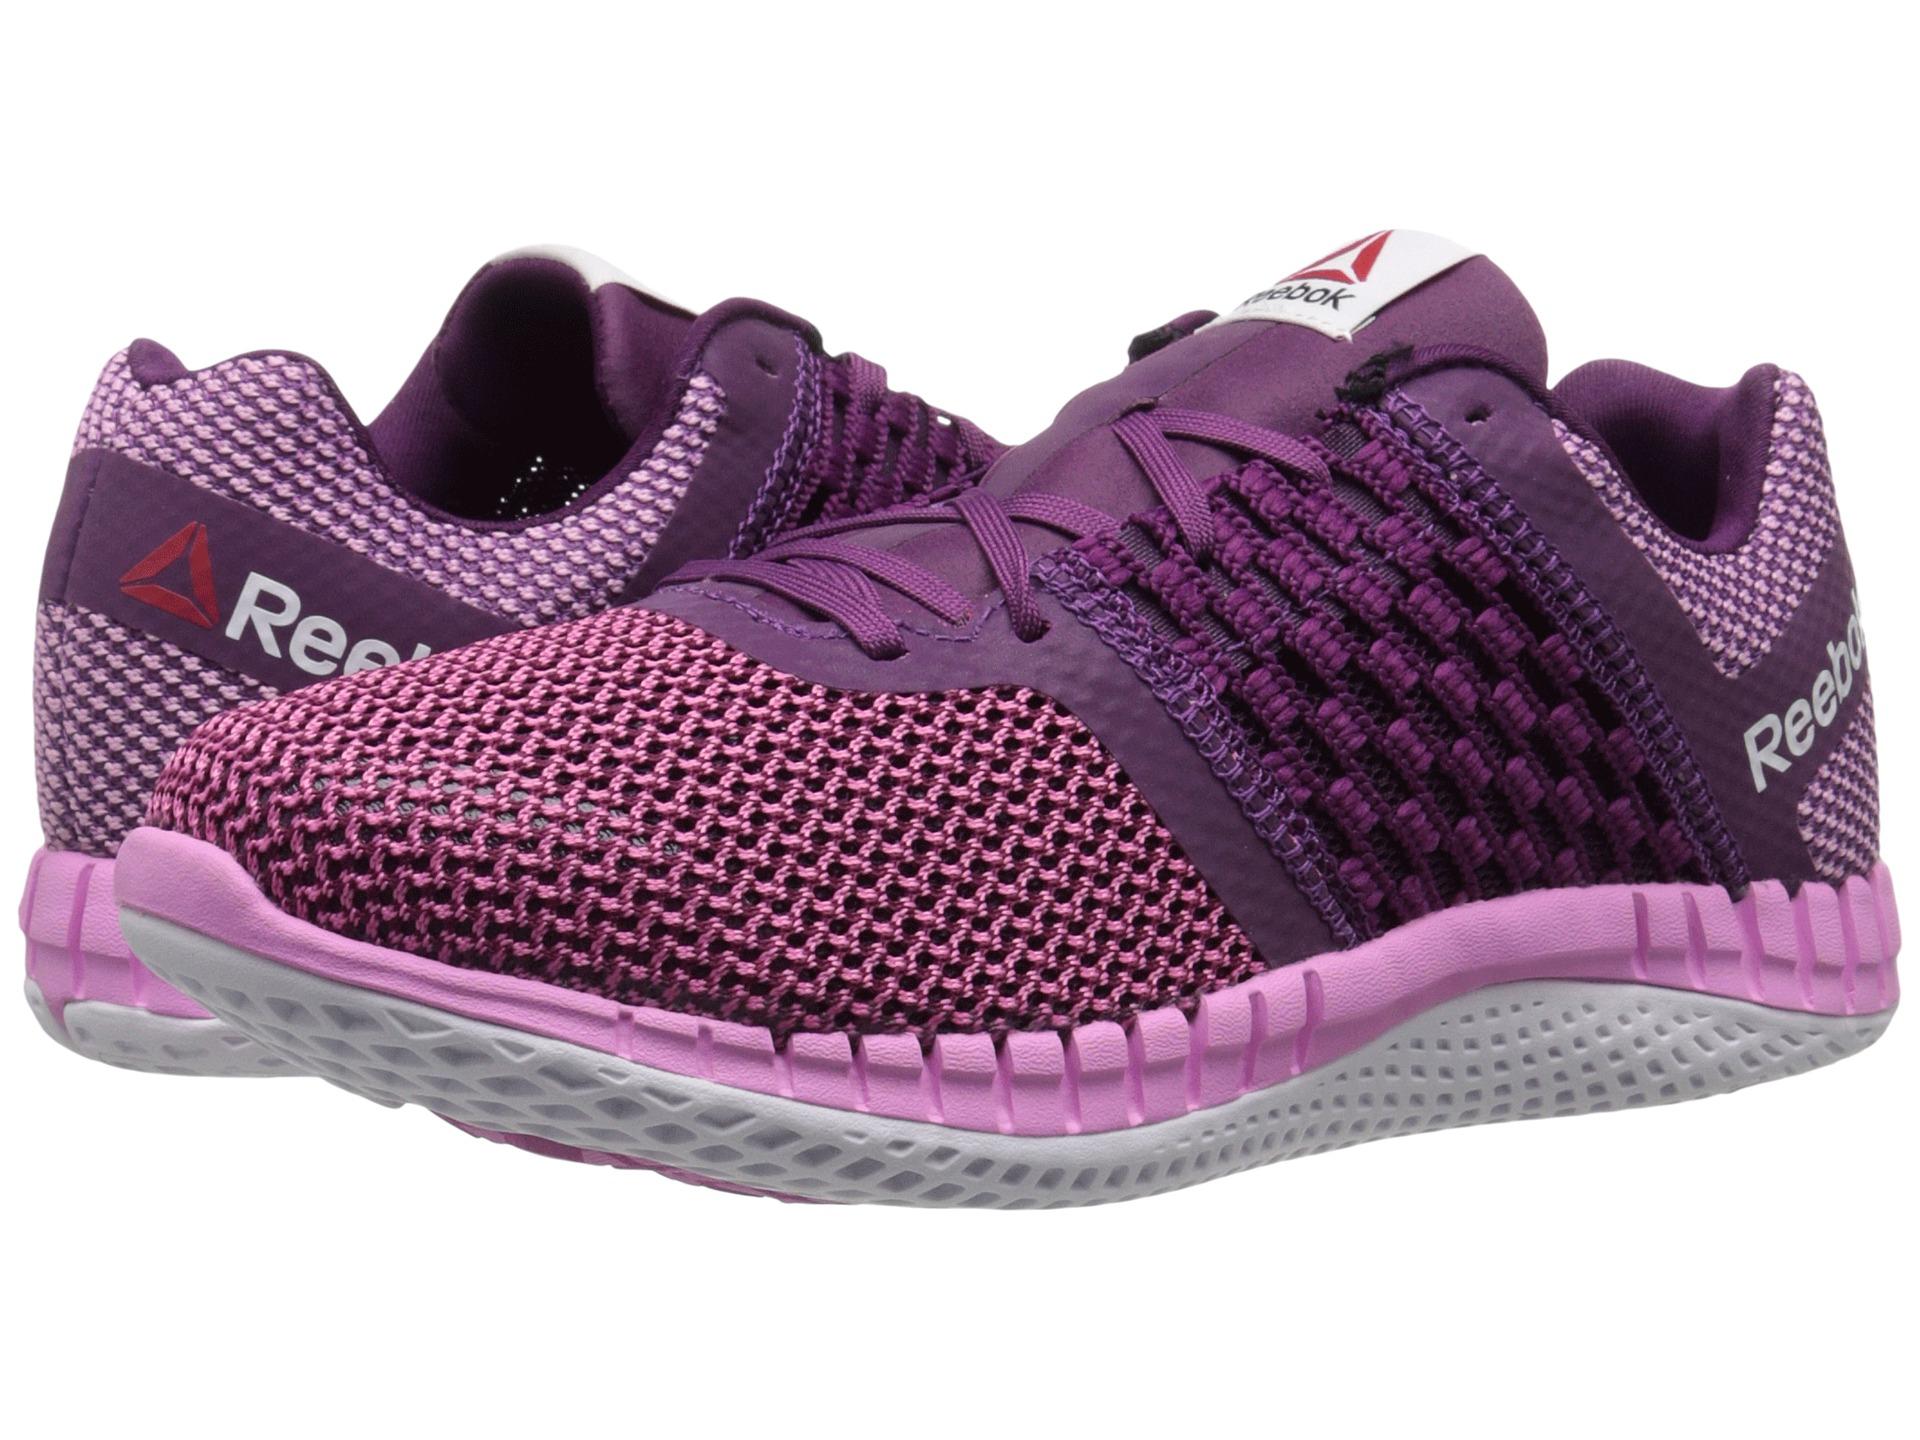 4ea08b1a3d8 Lyst - Reebok Women s Zprint Run in Purple